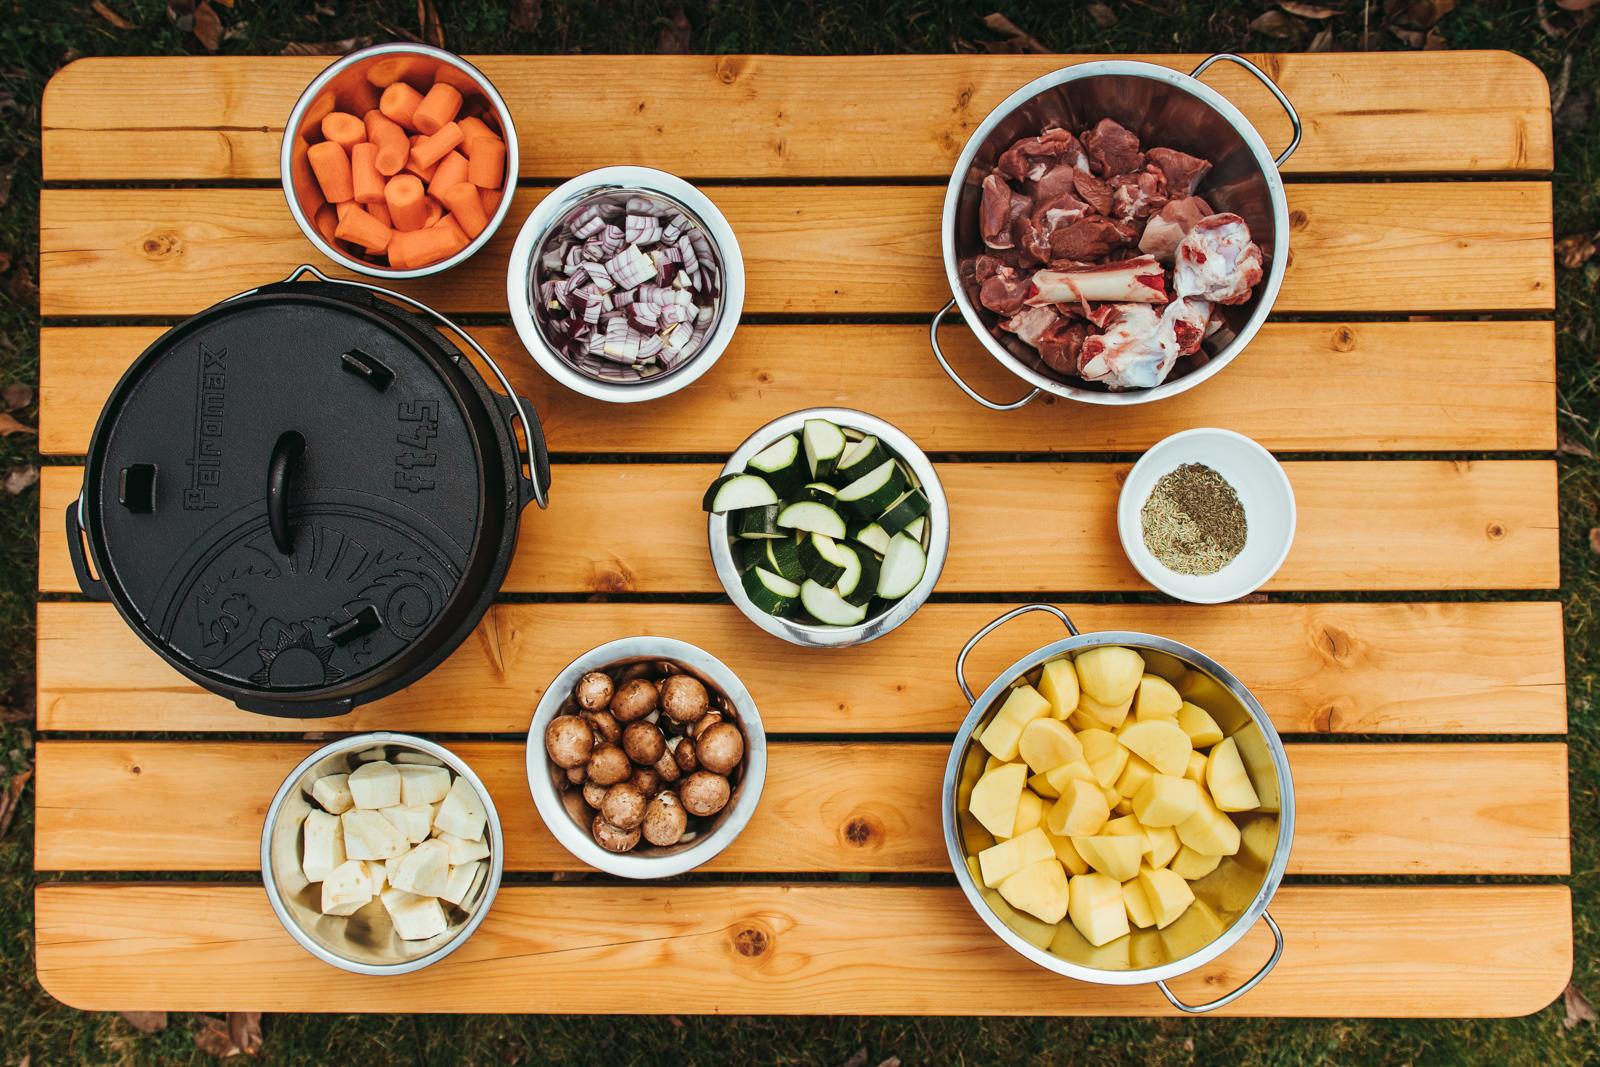 Ein Tisch voller Gemüse und Fleisch in Schalen angerichtet